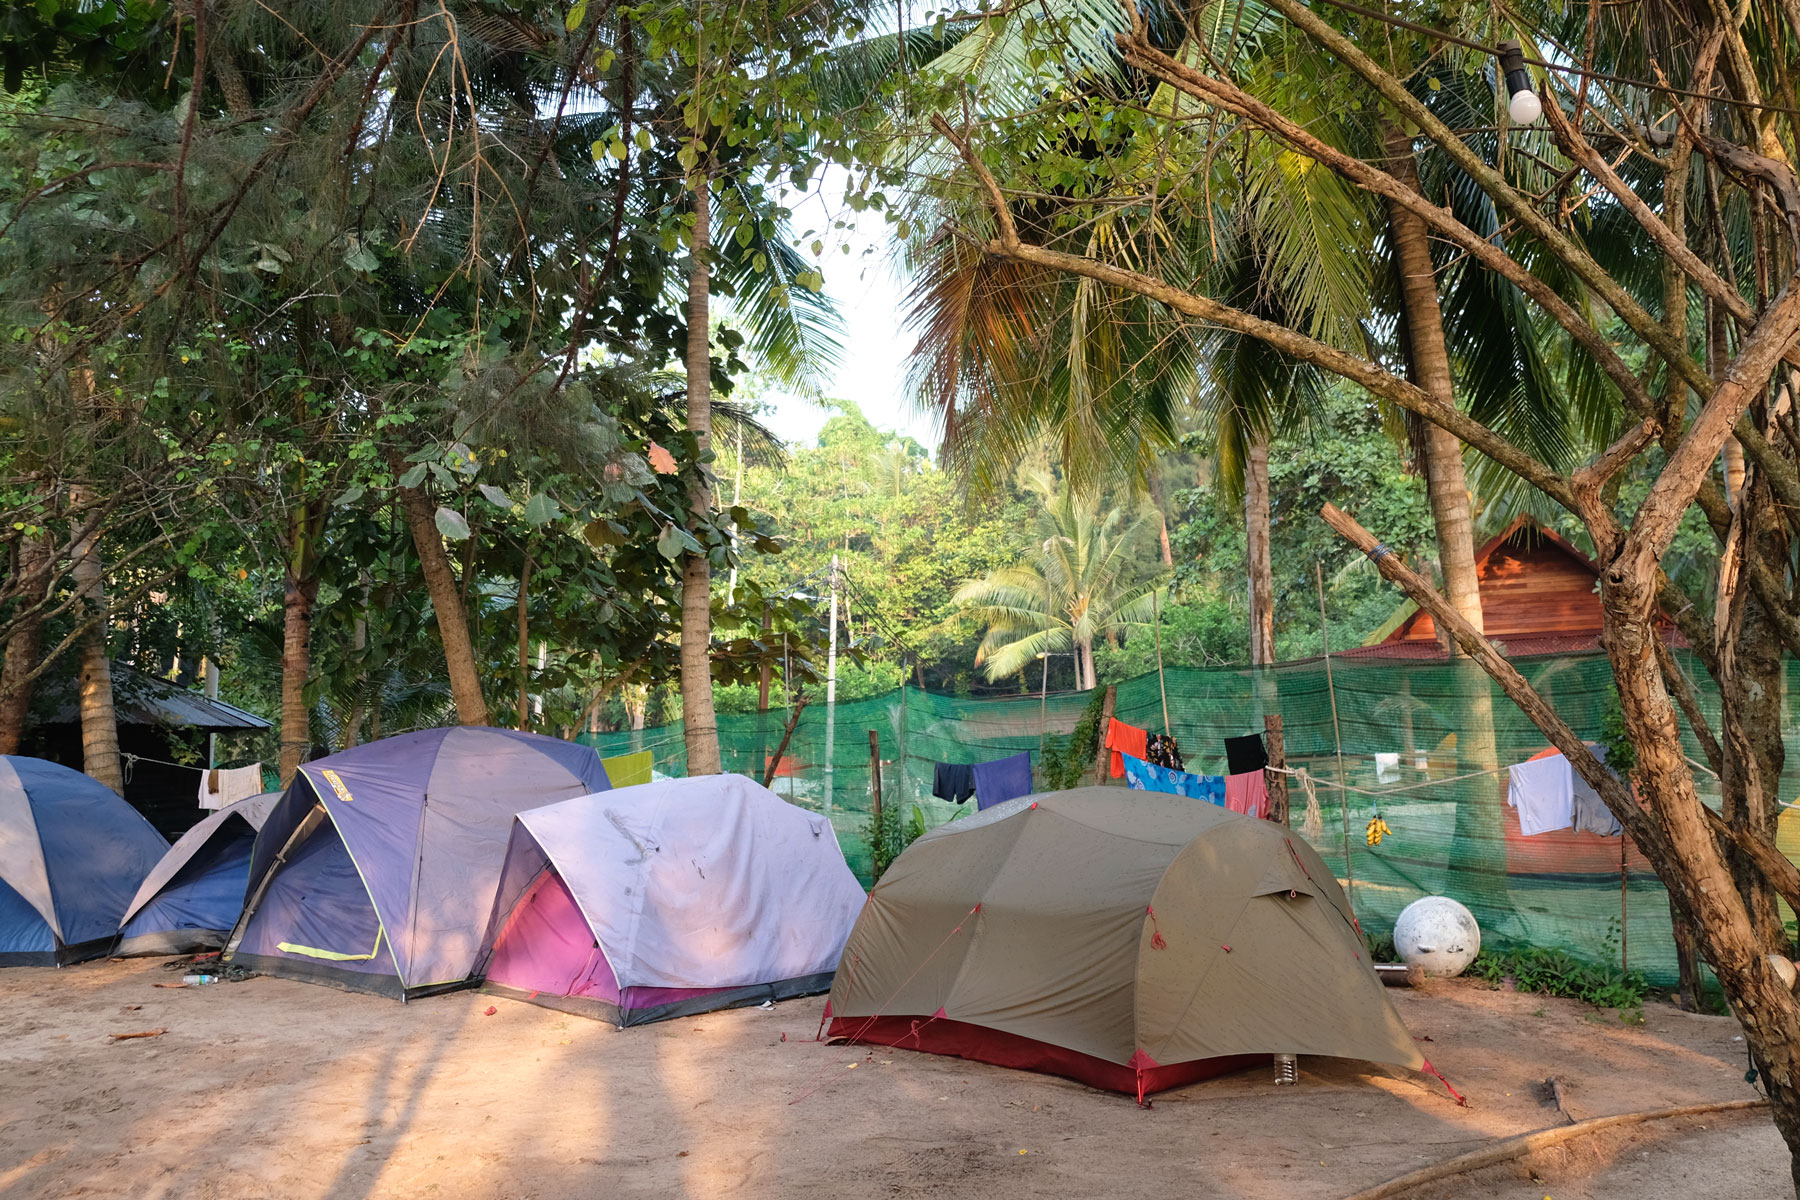 Unser Zelt steht neben andere auf dem Campingplatz